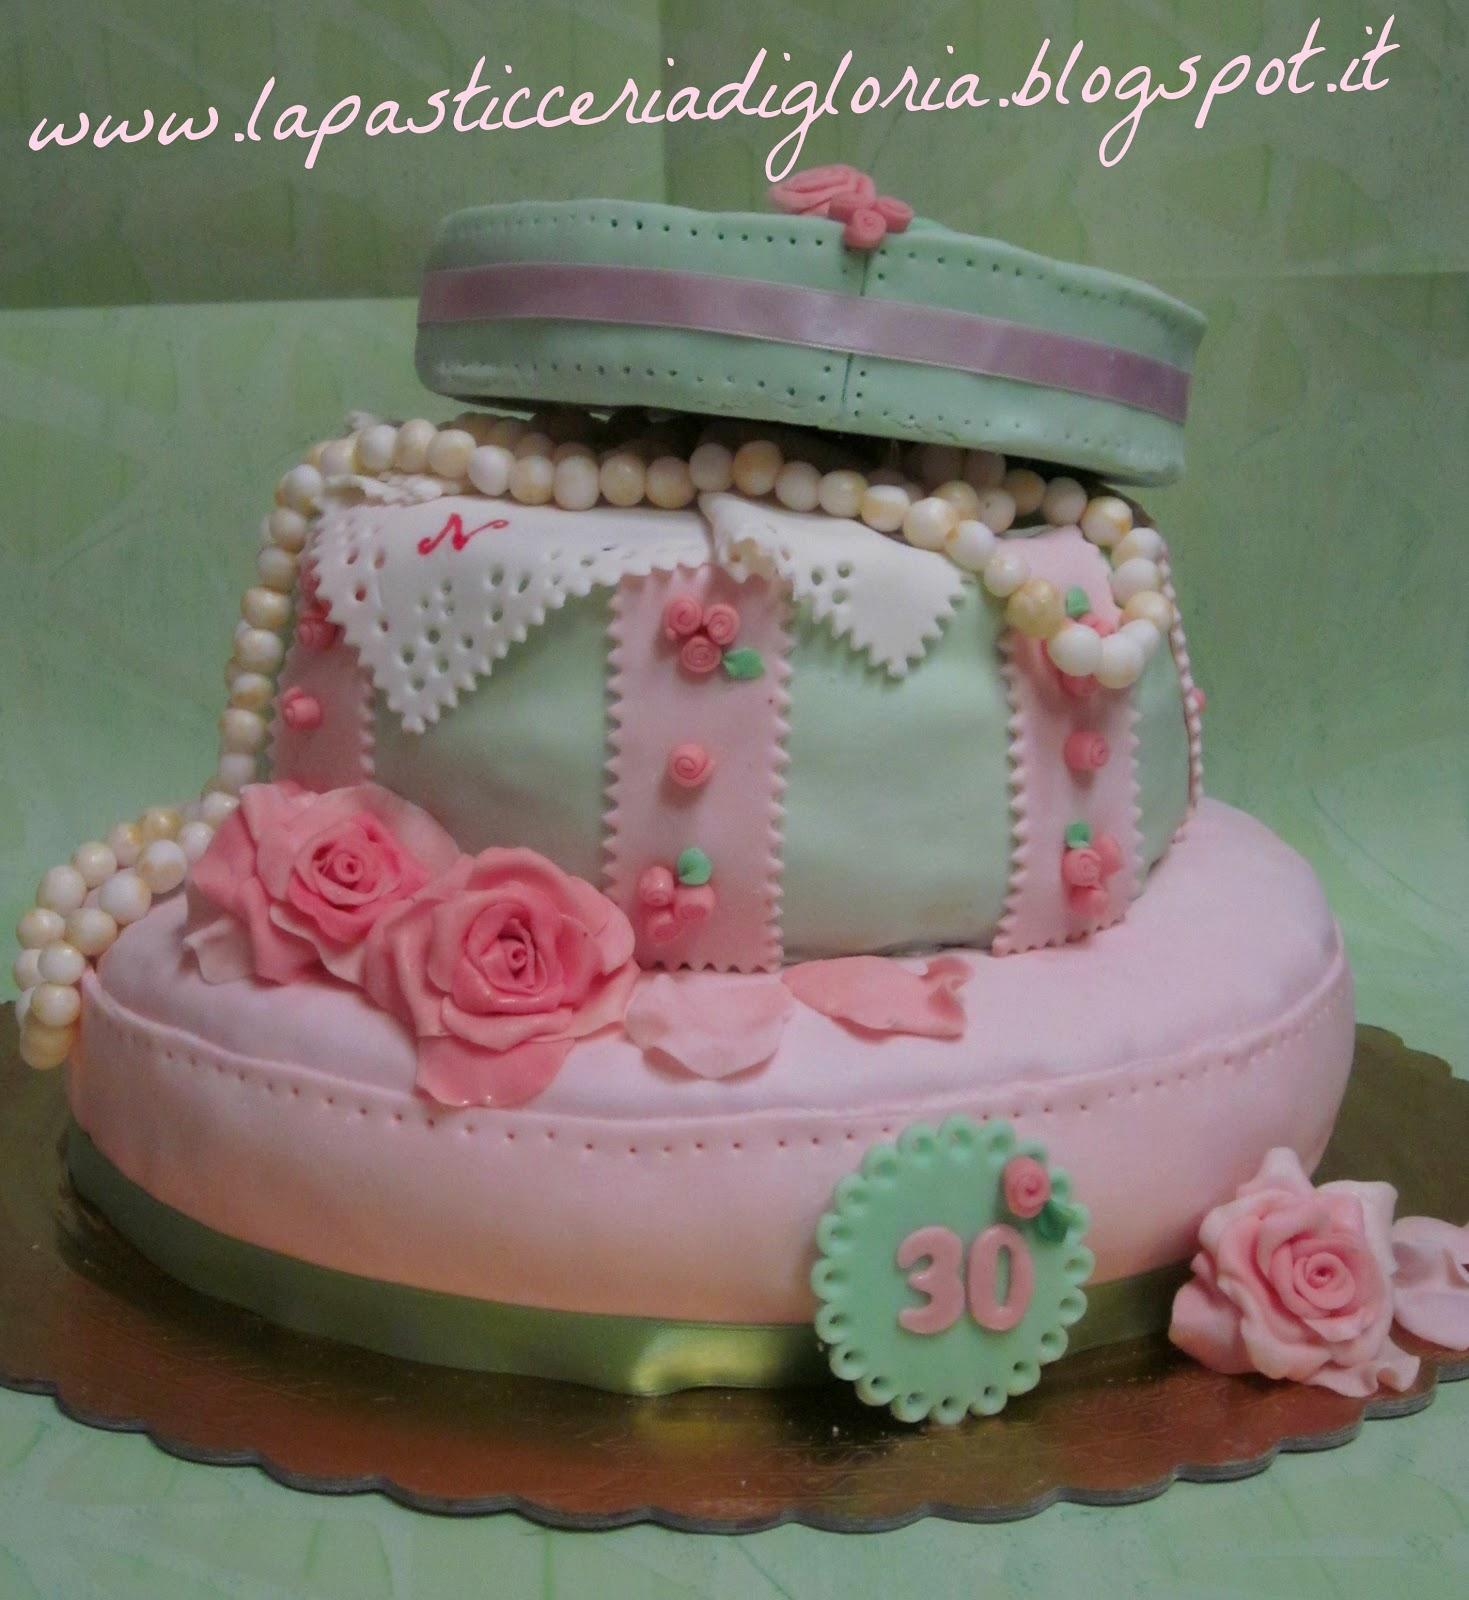 La pasticceria di gloria prima torta a due piani for 1 1 piani a 2 piani